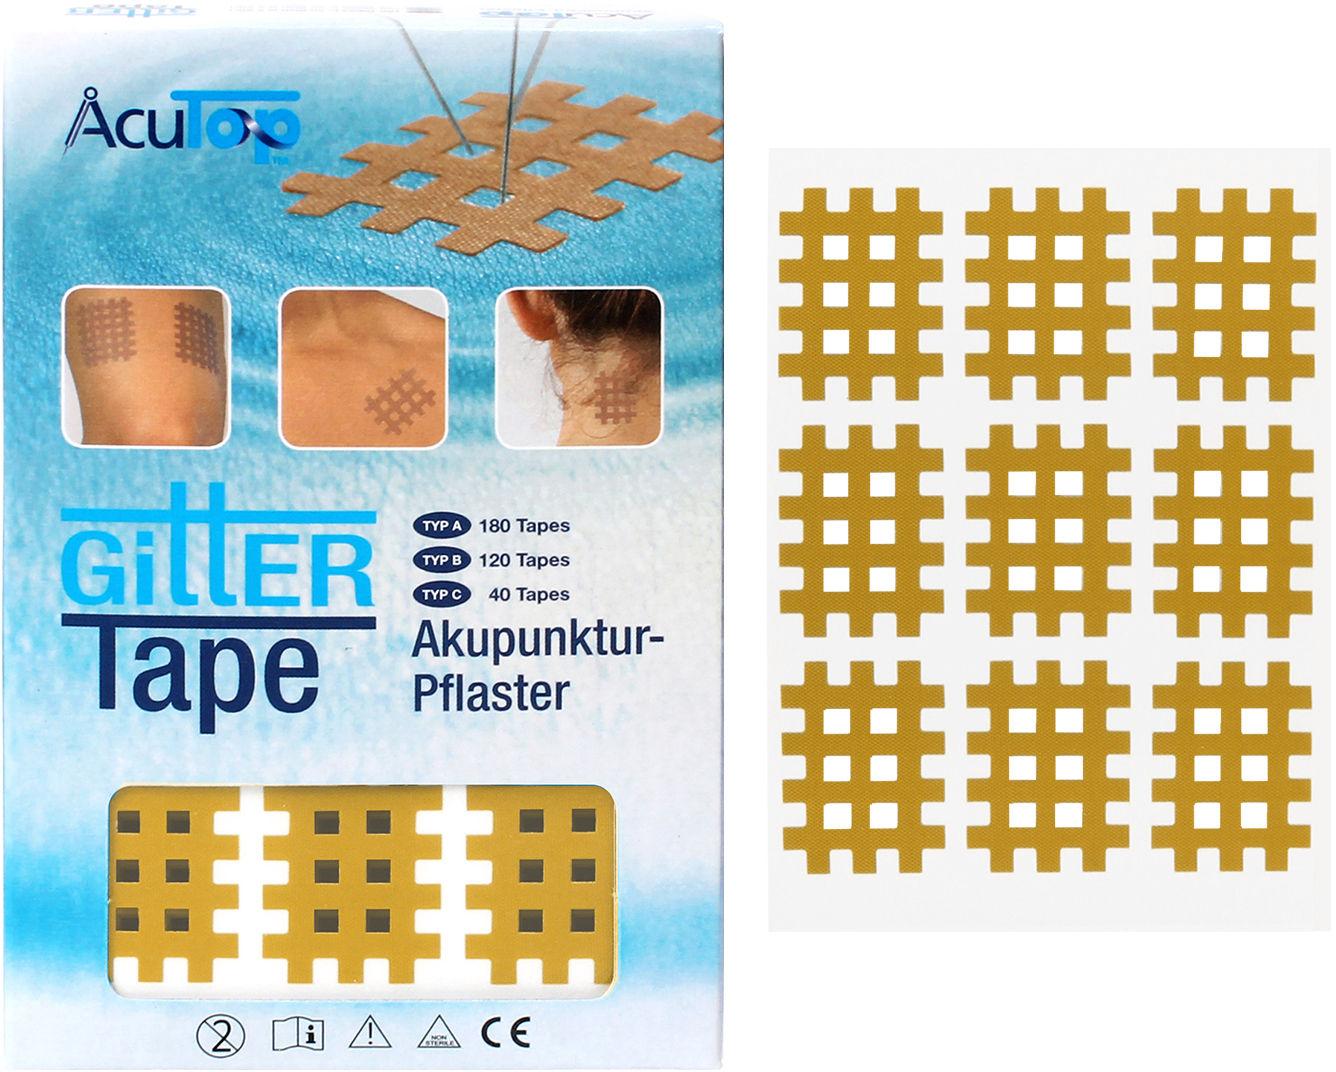 PrzeciwBÓLOWE plastry krzyżykowe na punkty spustowe Typ A - 180 tapes (Cross A ACT)